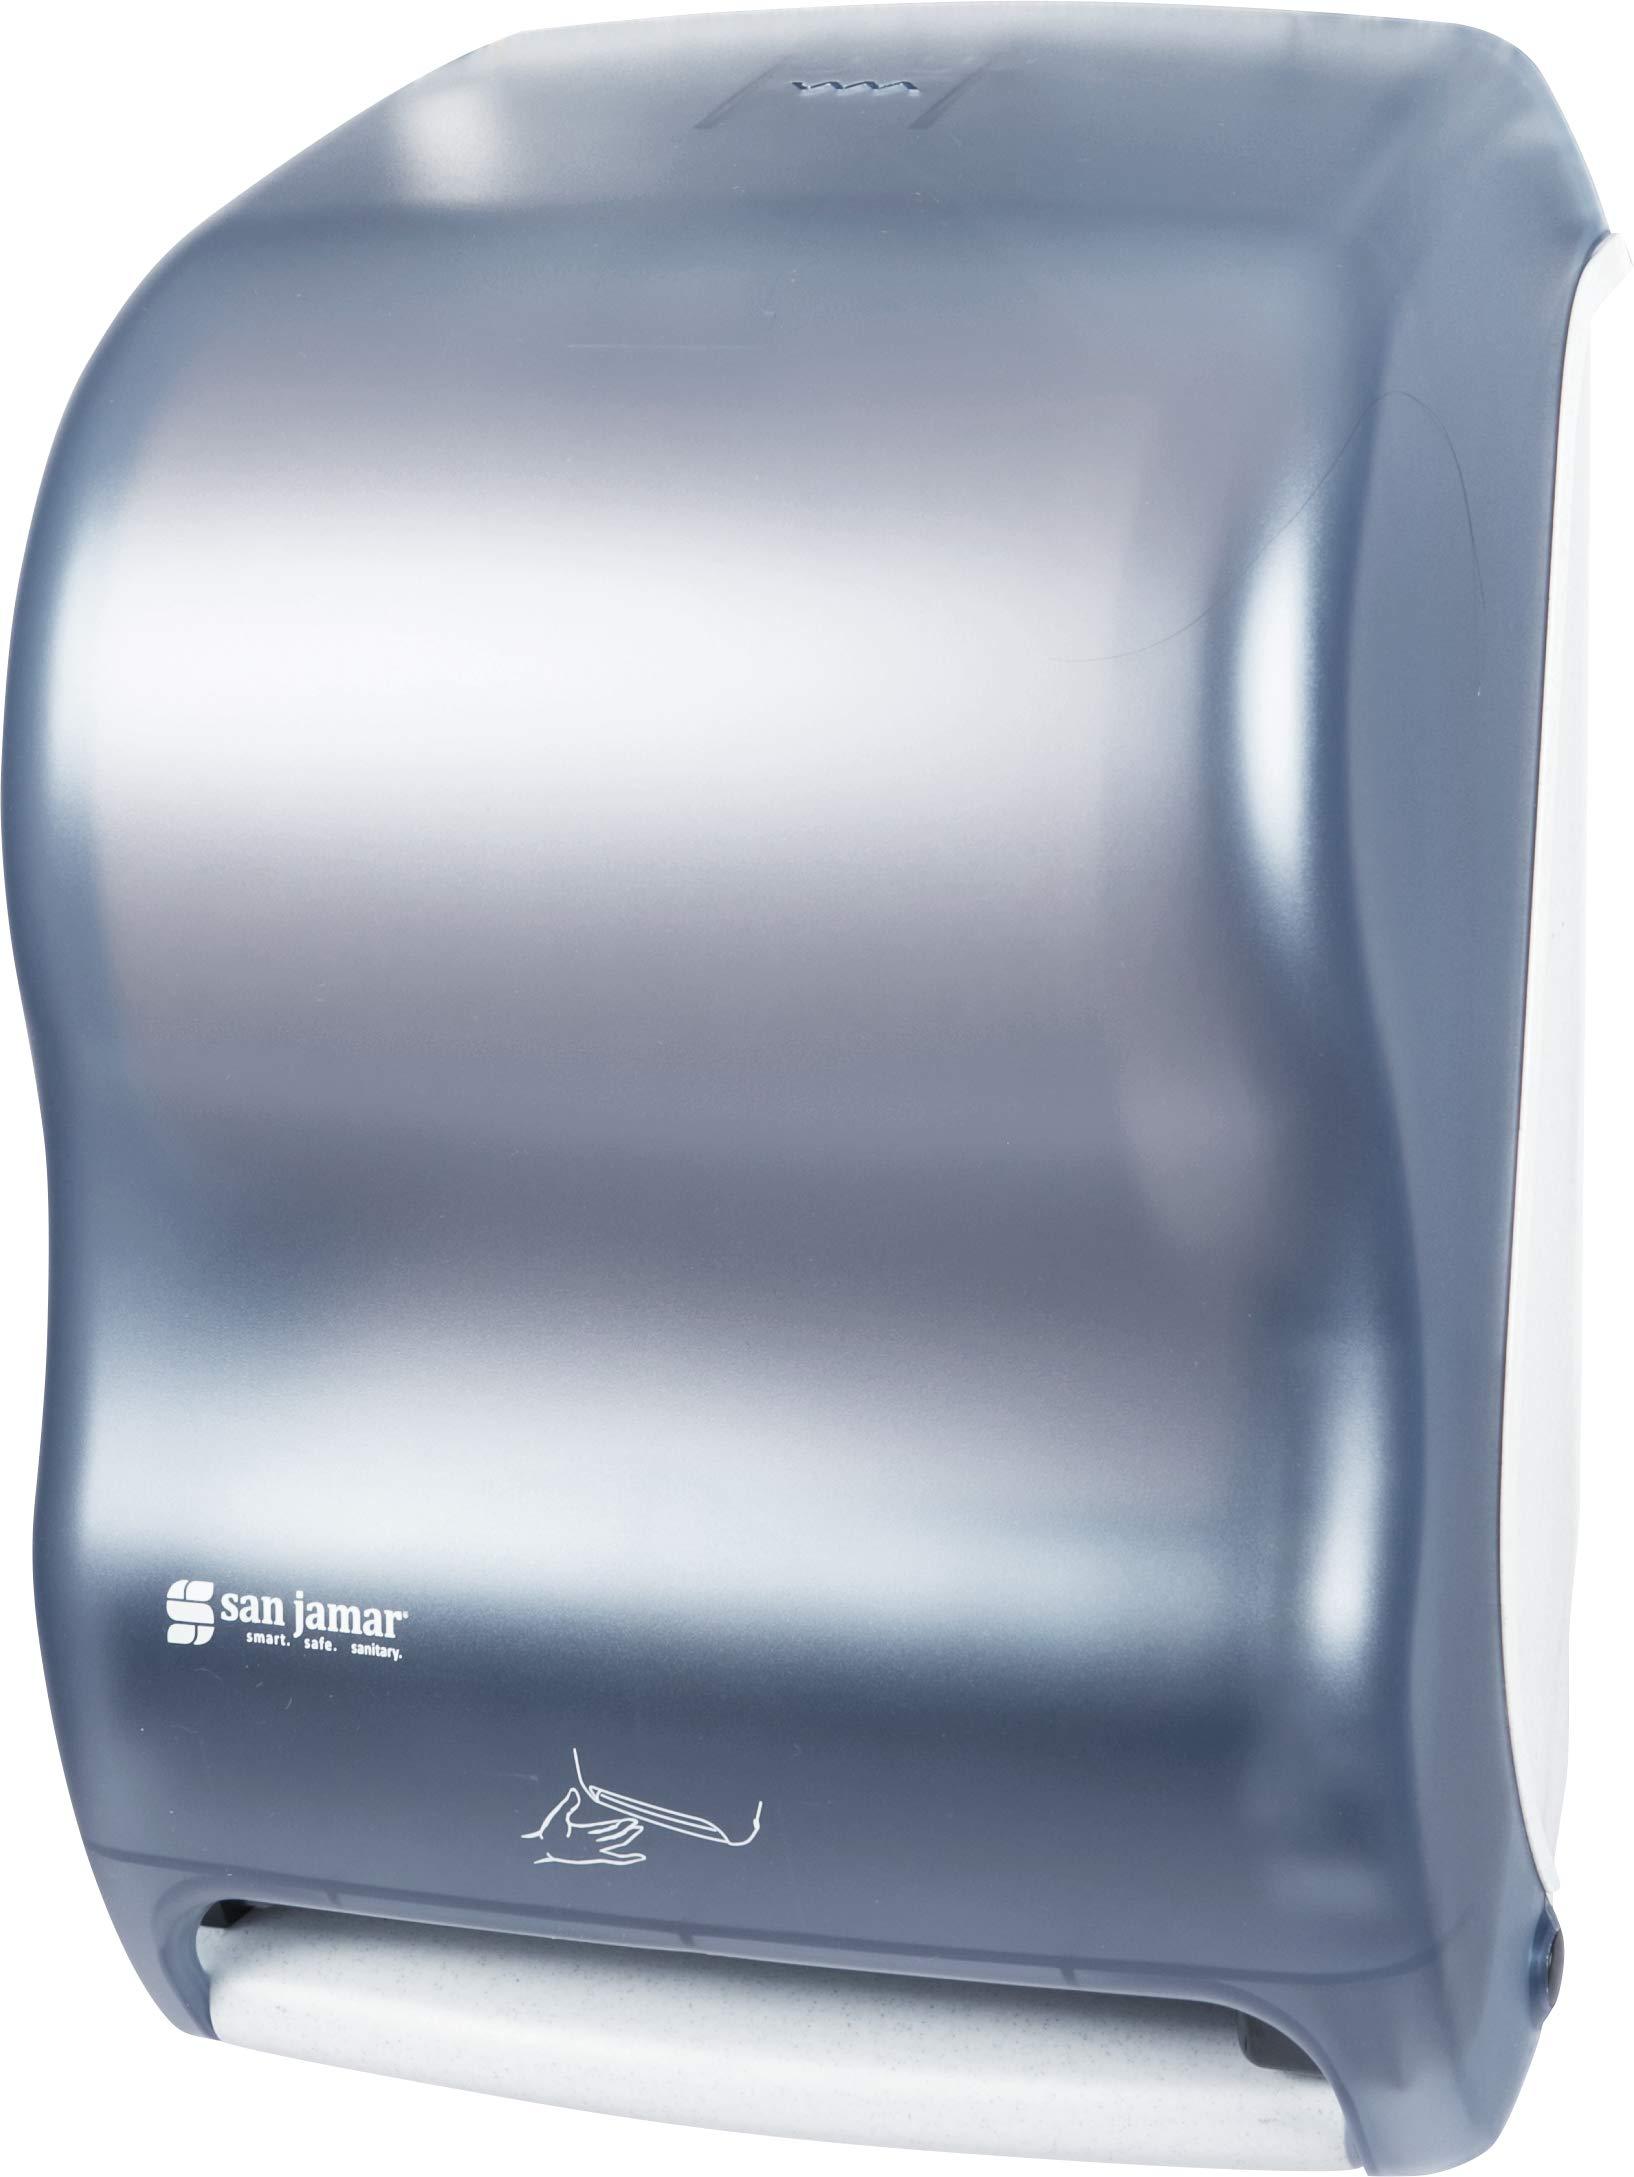 San Jamar T1400 Classic Smart System with IQ Sensor Roll Towel Dispenser, Fits 8'' Wide and 4'' Diameter Stub Roll, 12-1/2'' Width x 16-1/2'' Height x 9-1/4'' Depth, Arctic Blue